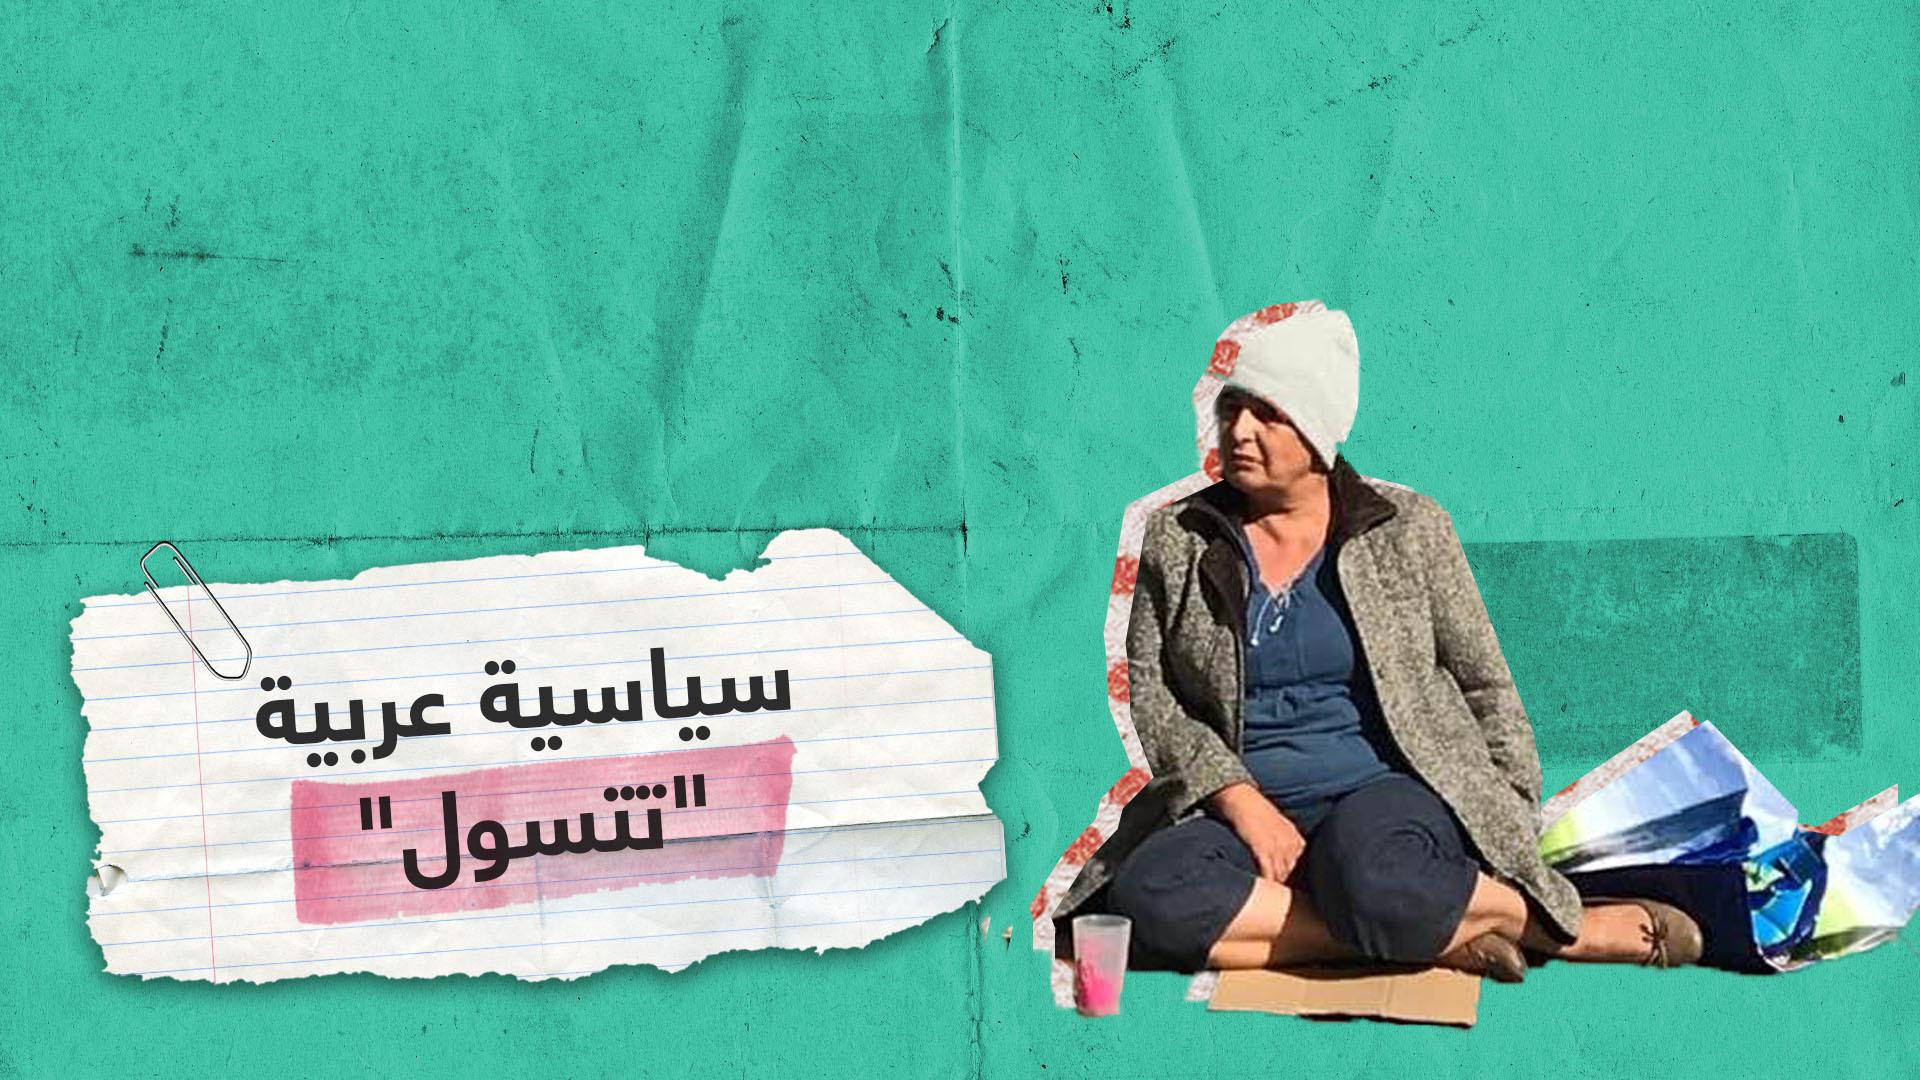 """سياسية من أصول عربية """"تتسول"""" في شوارع بلجيكا"""